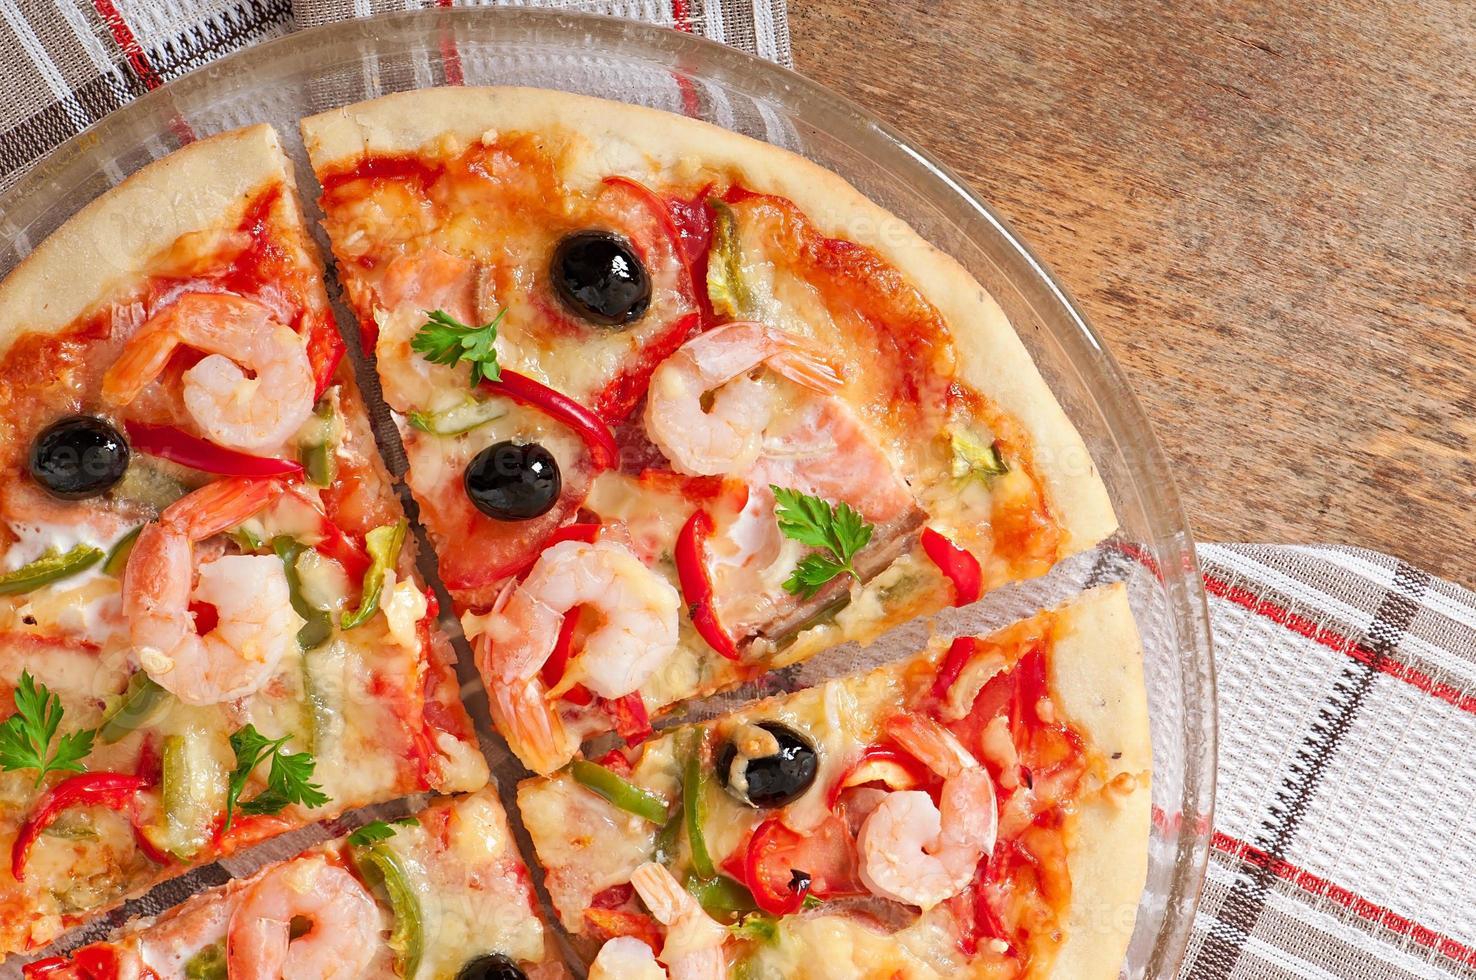 pizza con camarones, salmón y aceitunas foto